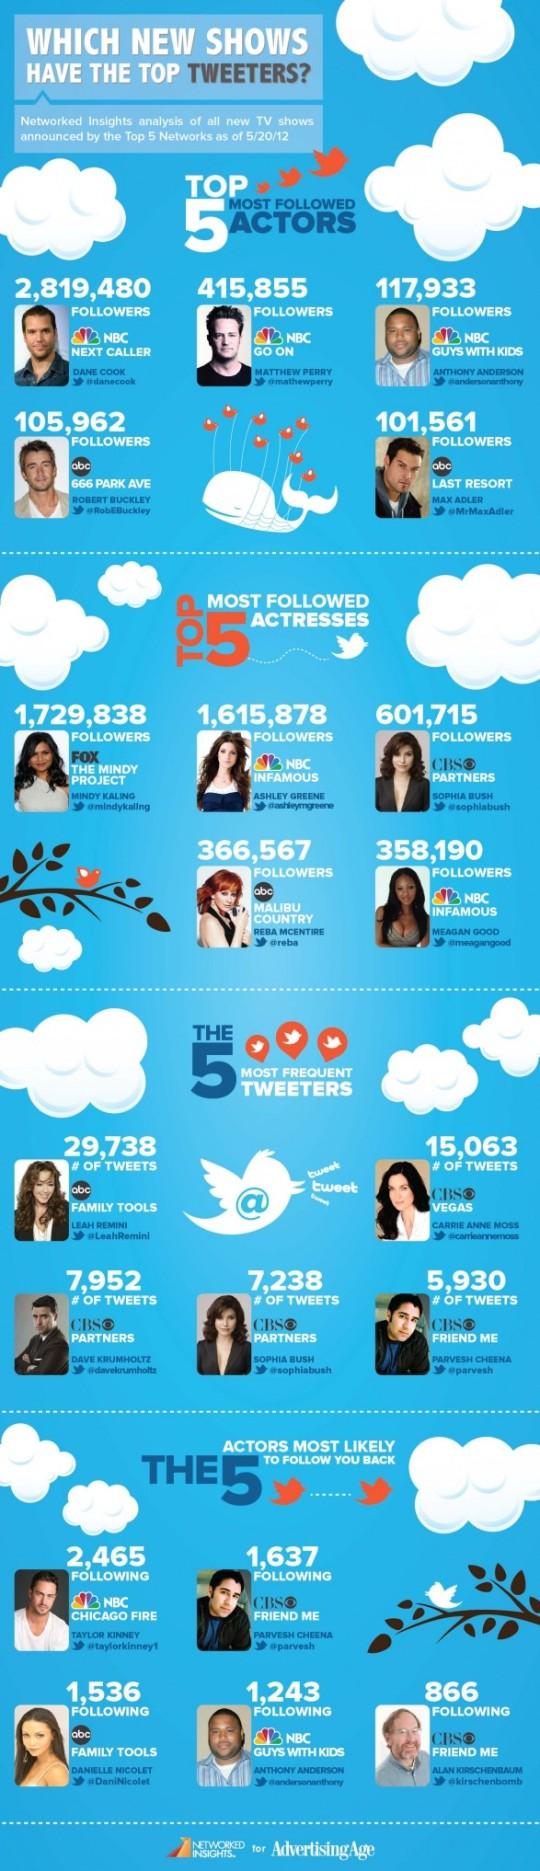 Infografía: Que programas utilizan los mejores tweeters?